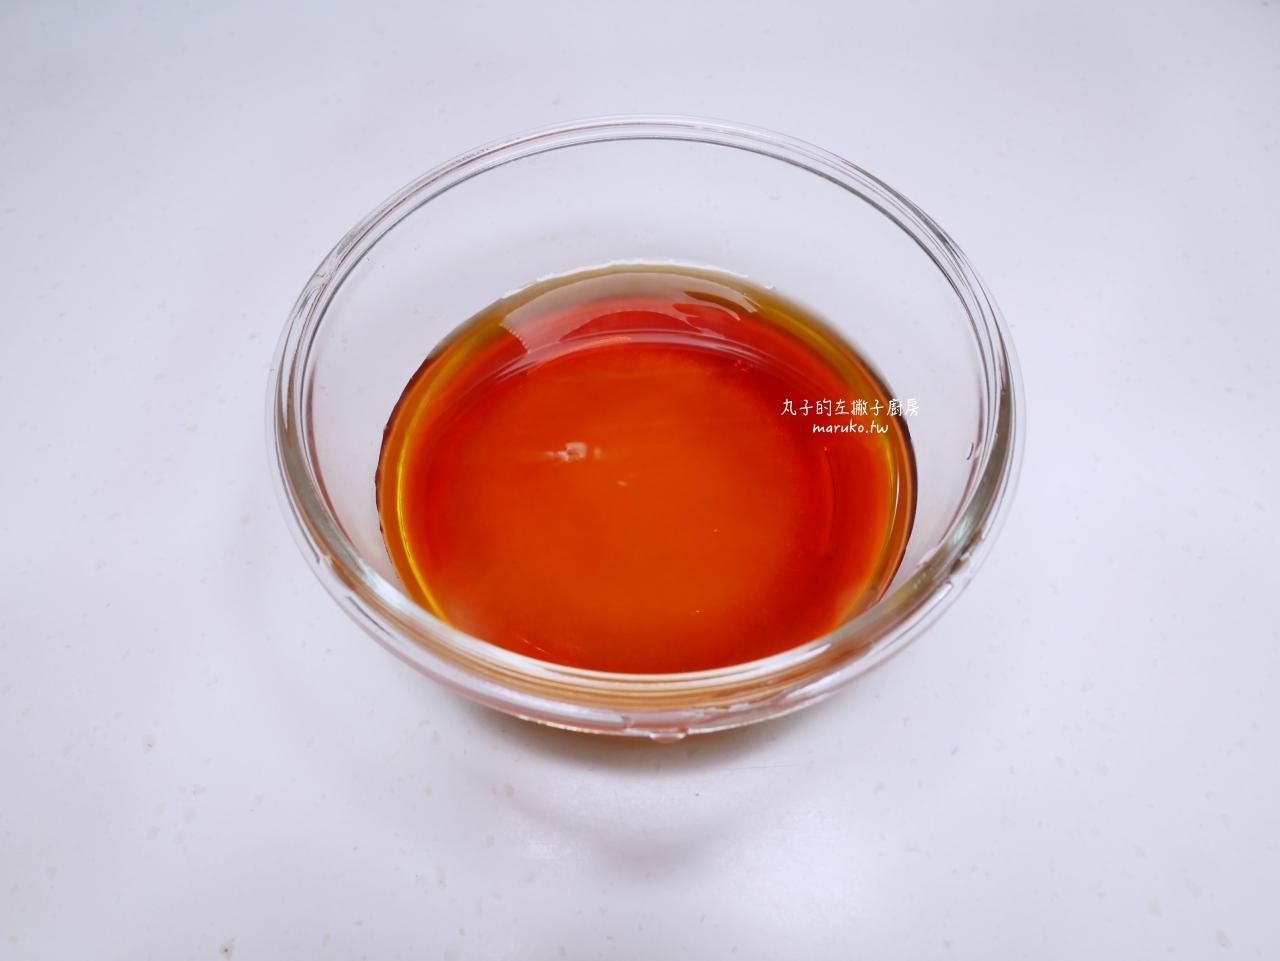 【食譜】北海鱈魚香絲 自製居酒屋下酒菜 蜜汁鱈魚香絲 氣炸版 好市多好物推薦 @Maruko與美食有個約會